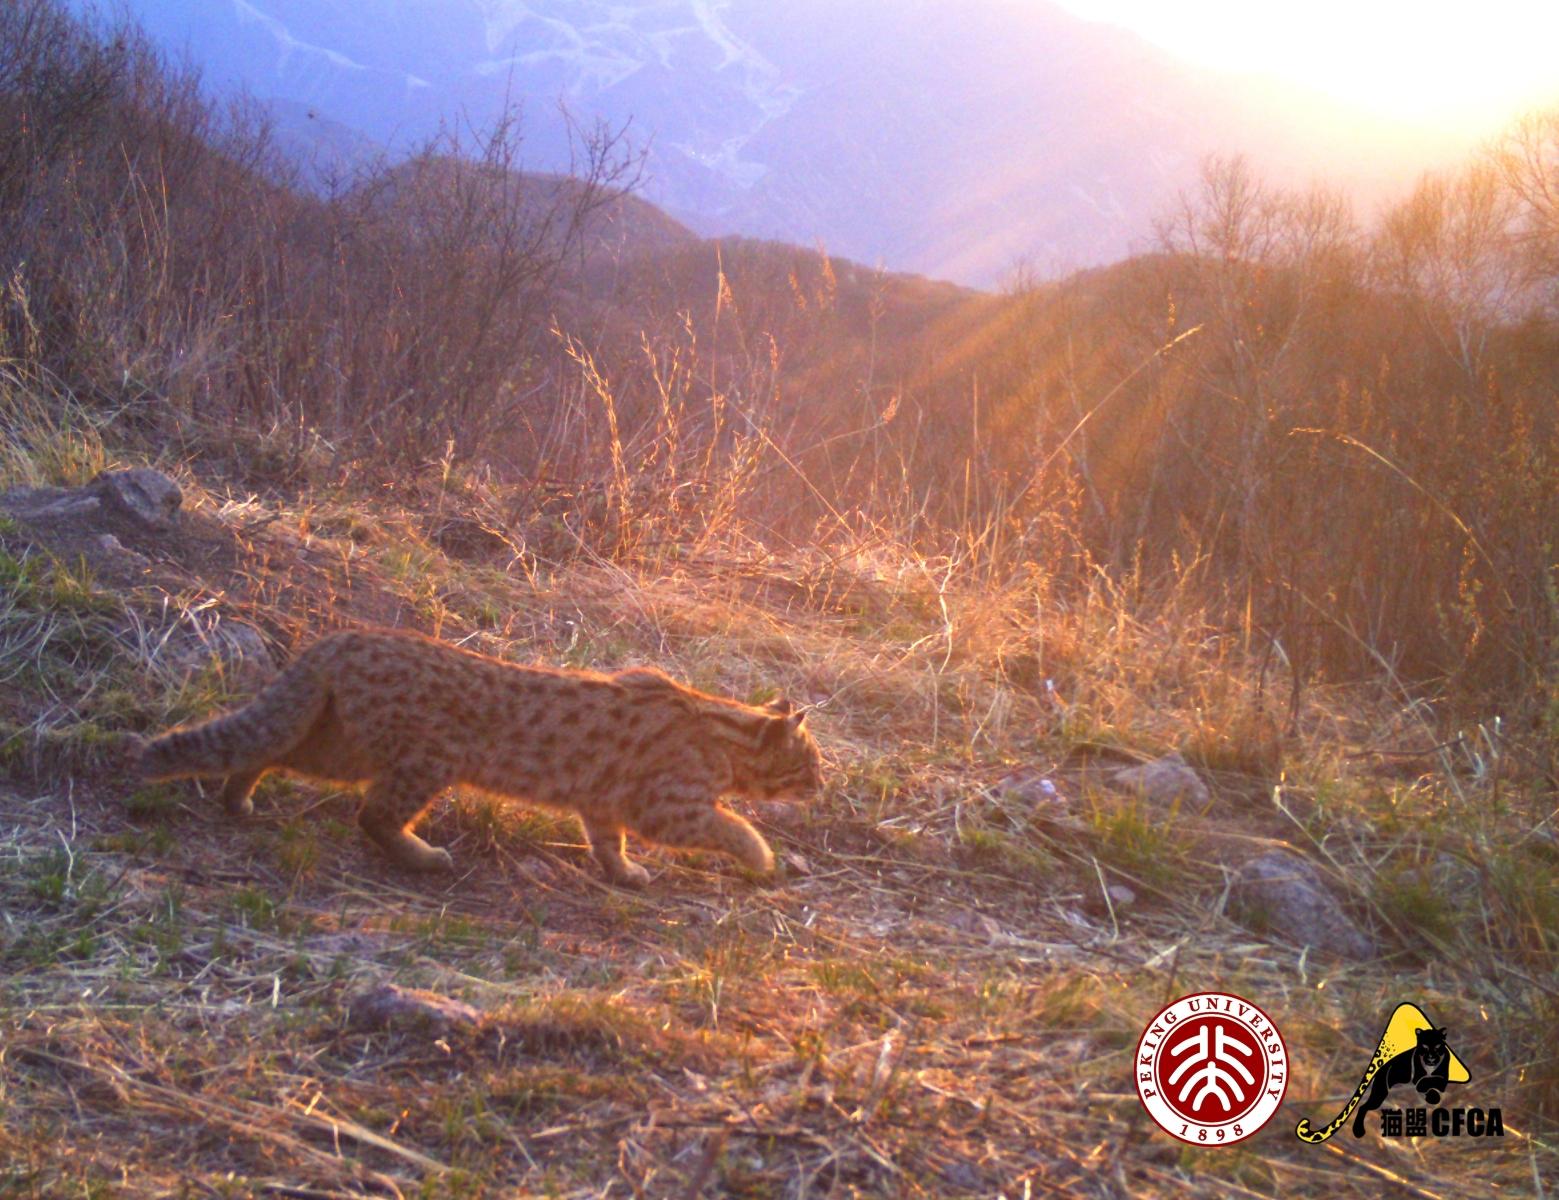 leopard-cat-luo-shujin-5